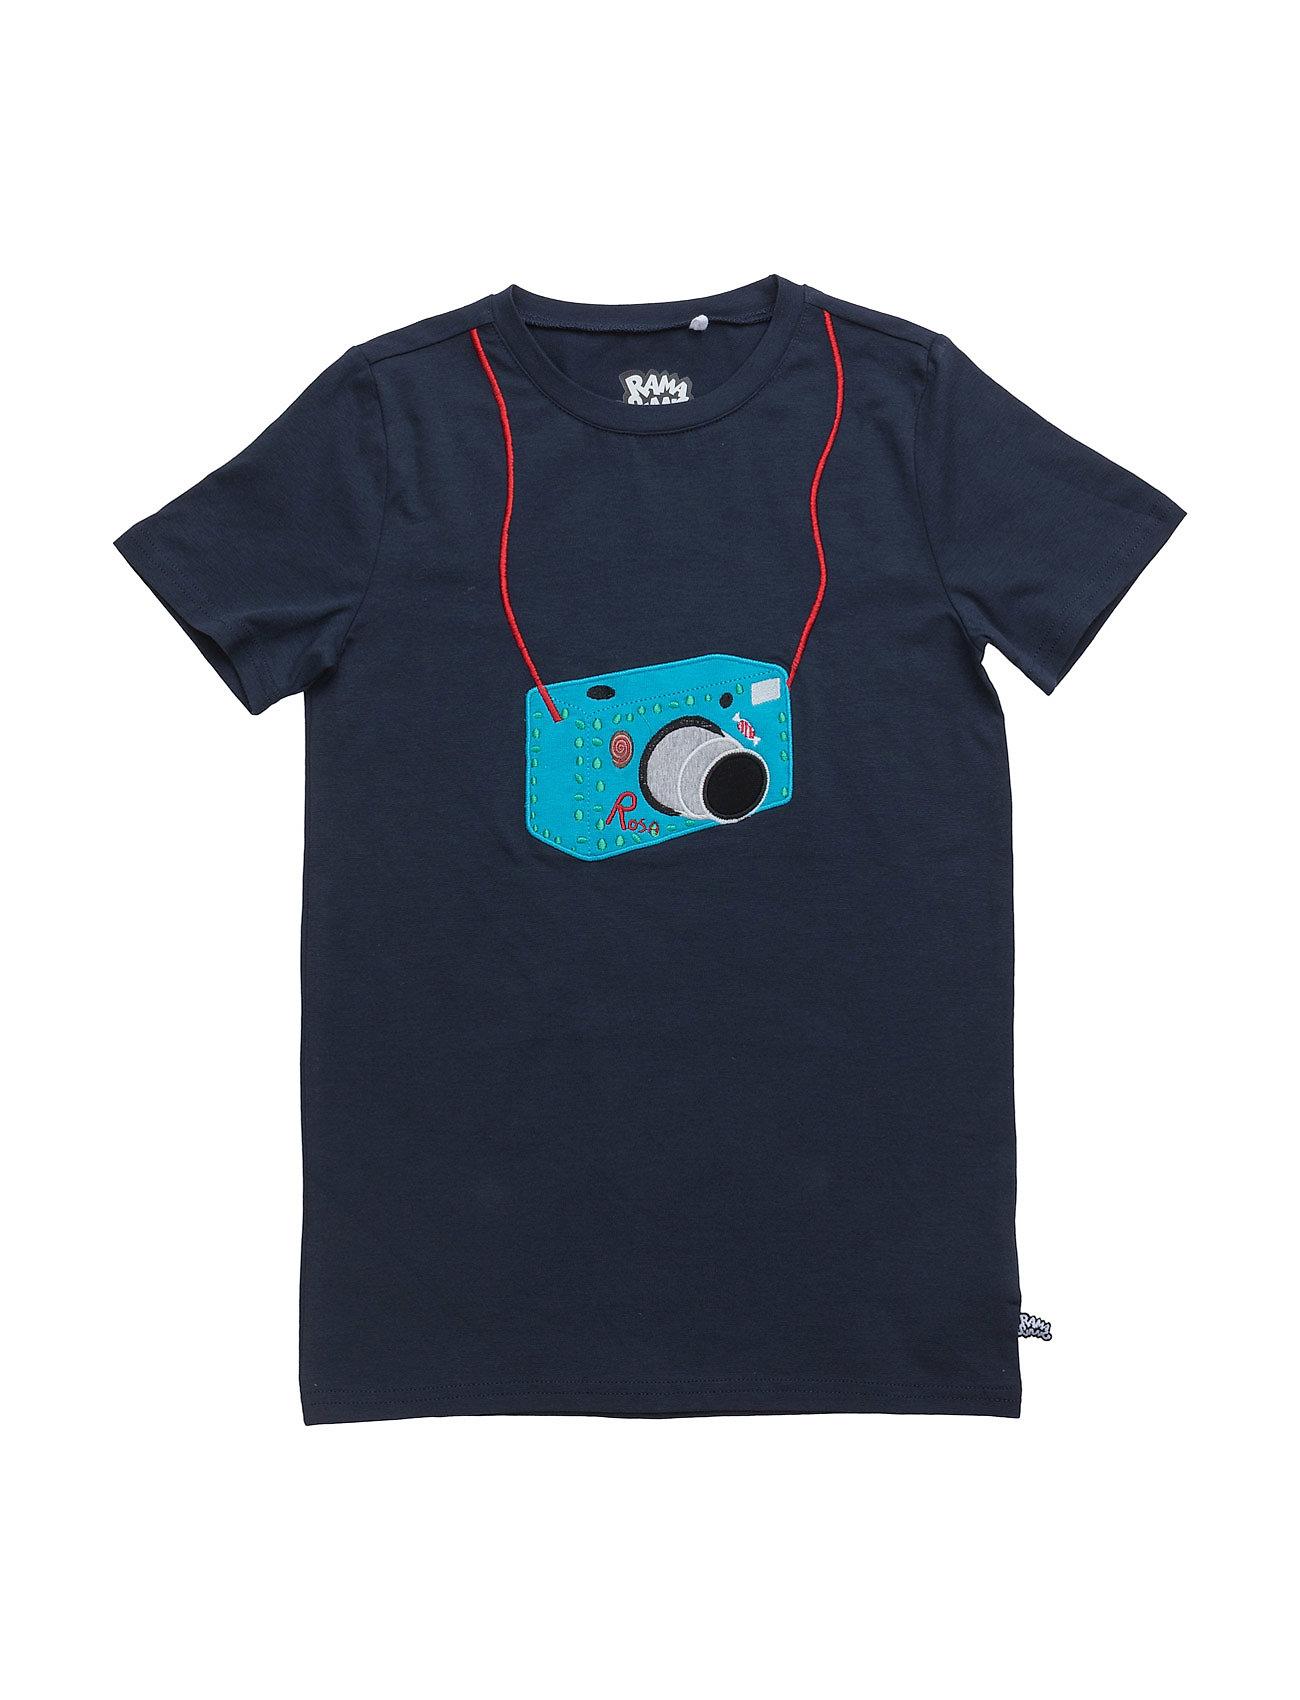 Rosa Spion Kamera T Ramasjang Kluns by Green Cotton Kortærmede t-shirts til Børn i